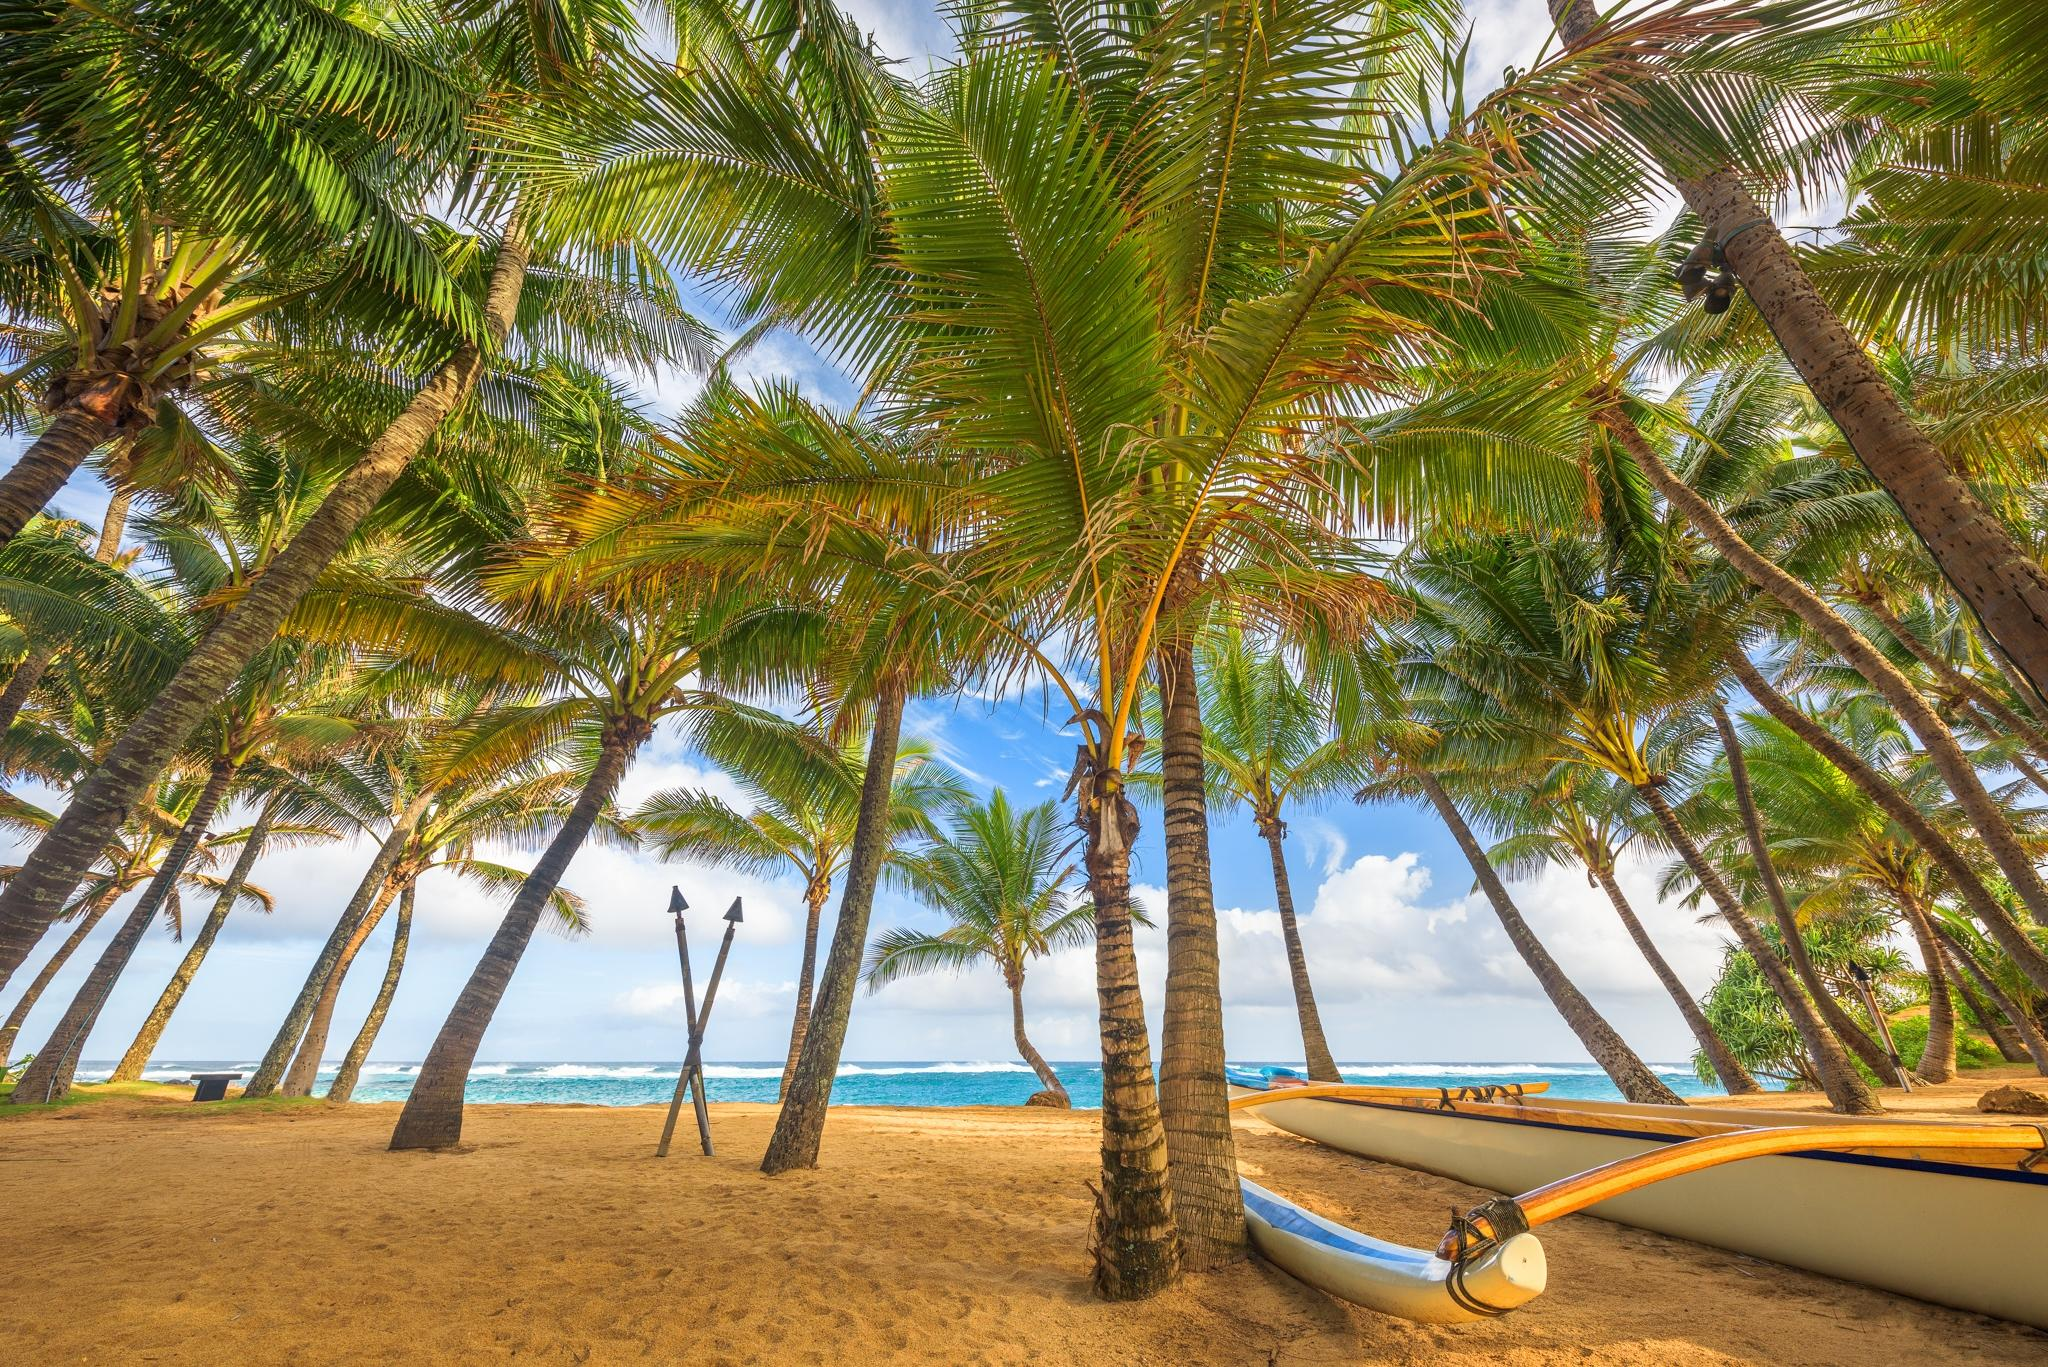 обои море, пальмы, пляж, лодка картинки фото